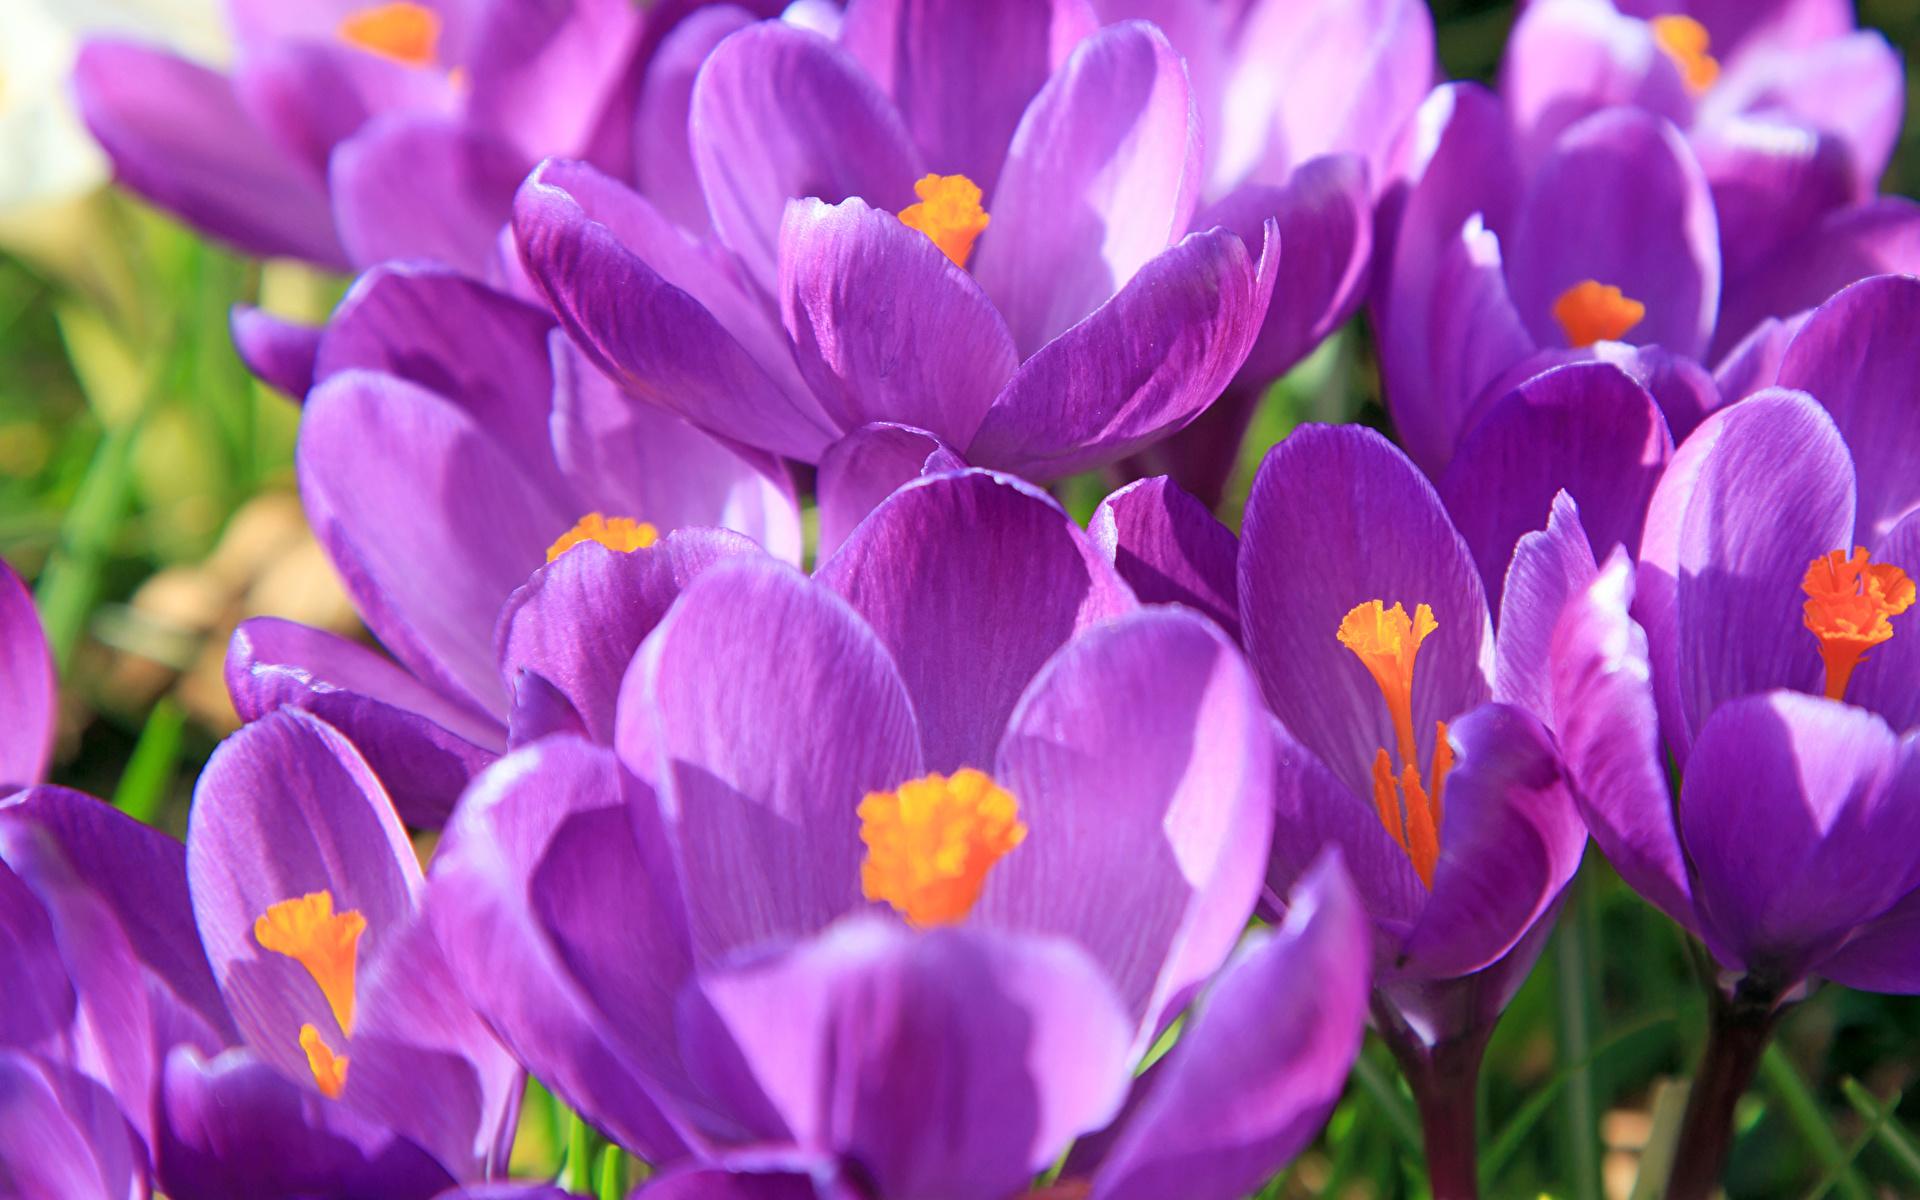 Картинка Фиолетовый Цветы Крокусы вблизи 1920x1200 Шафран Крупным планом